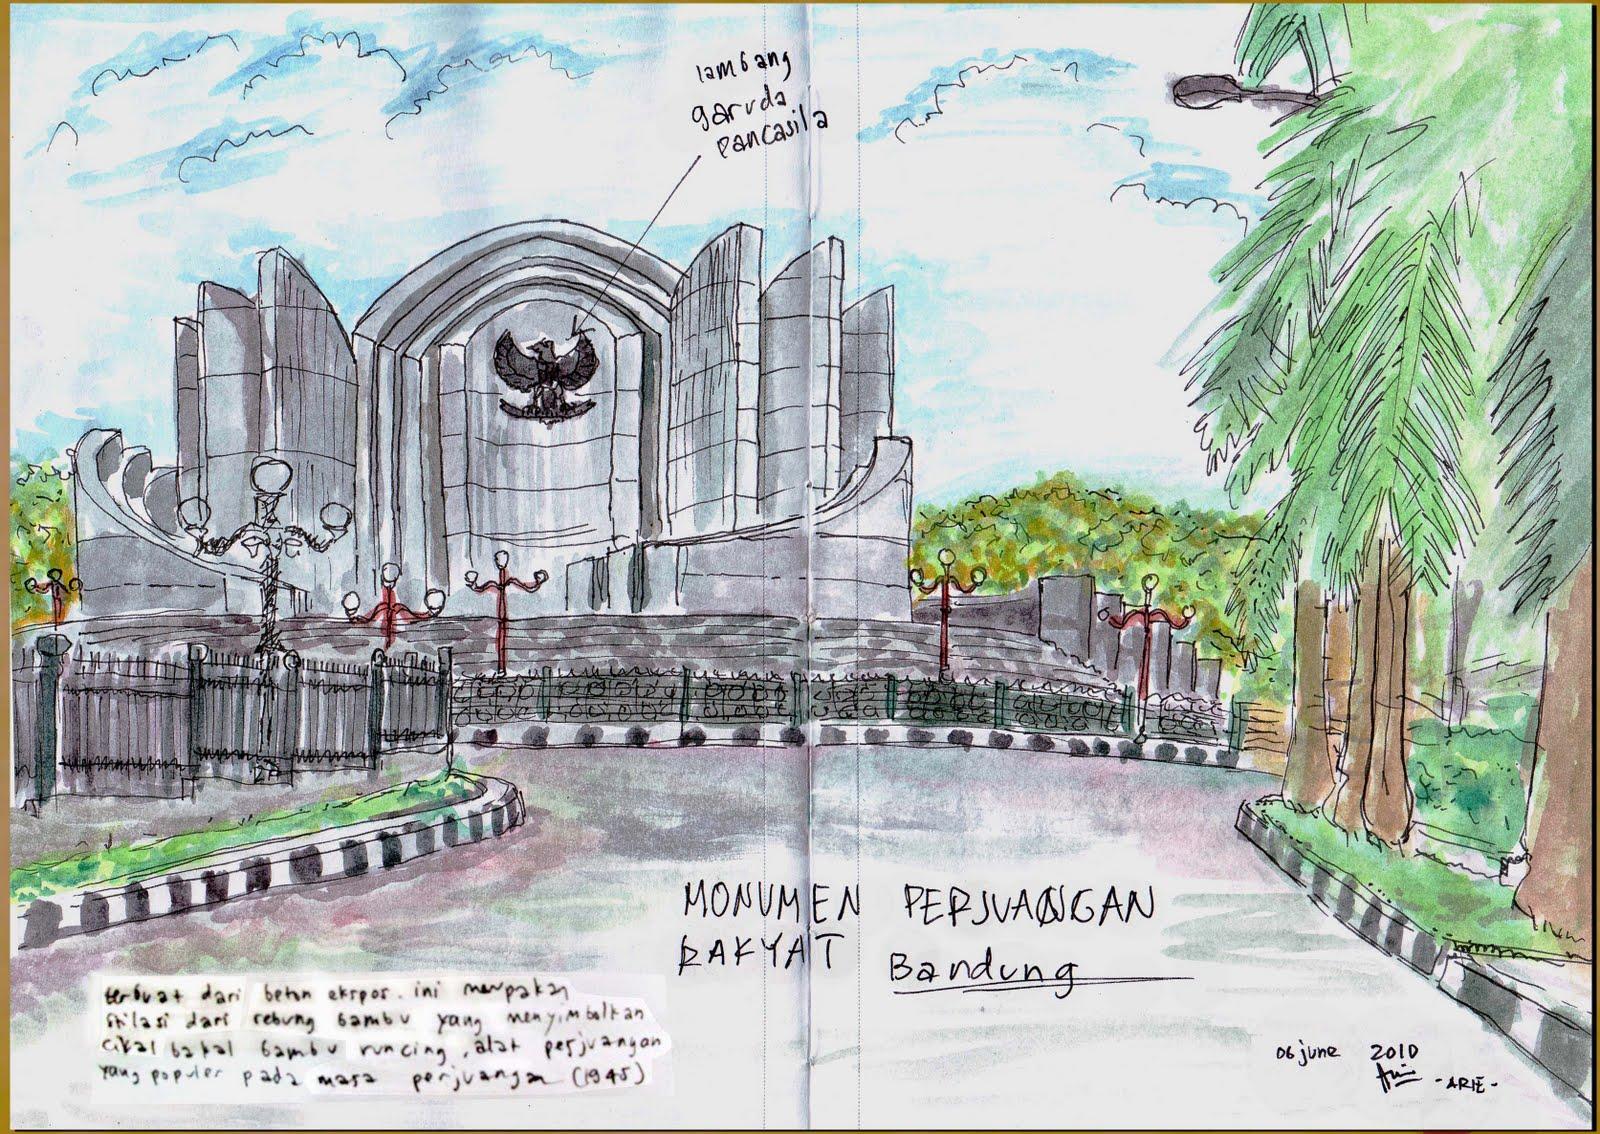 Indonesias Sketchers Monumen perjuangan bandung